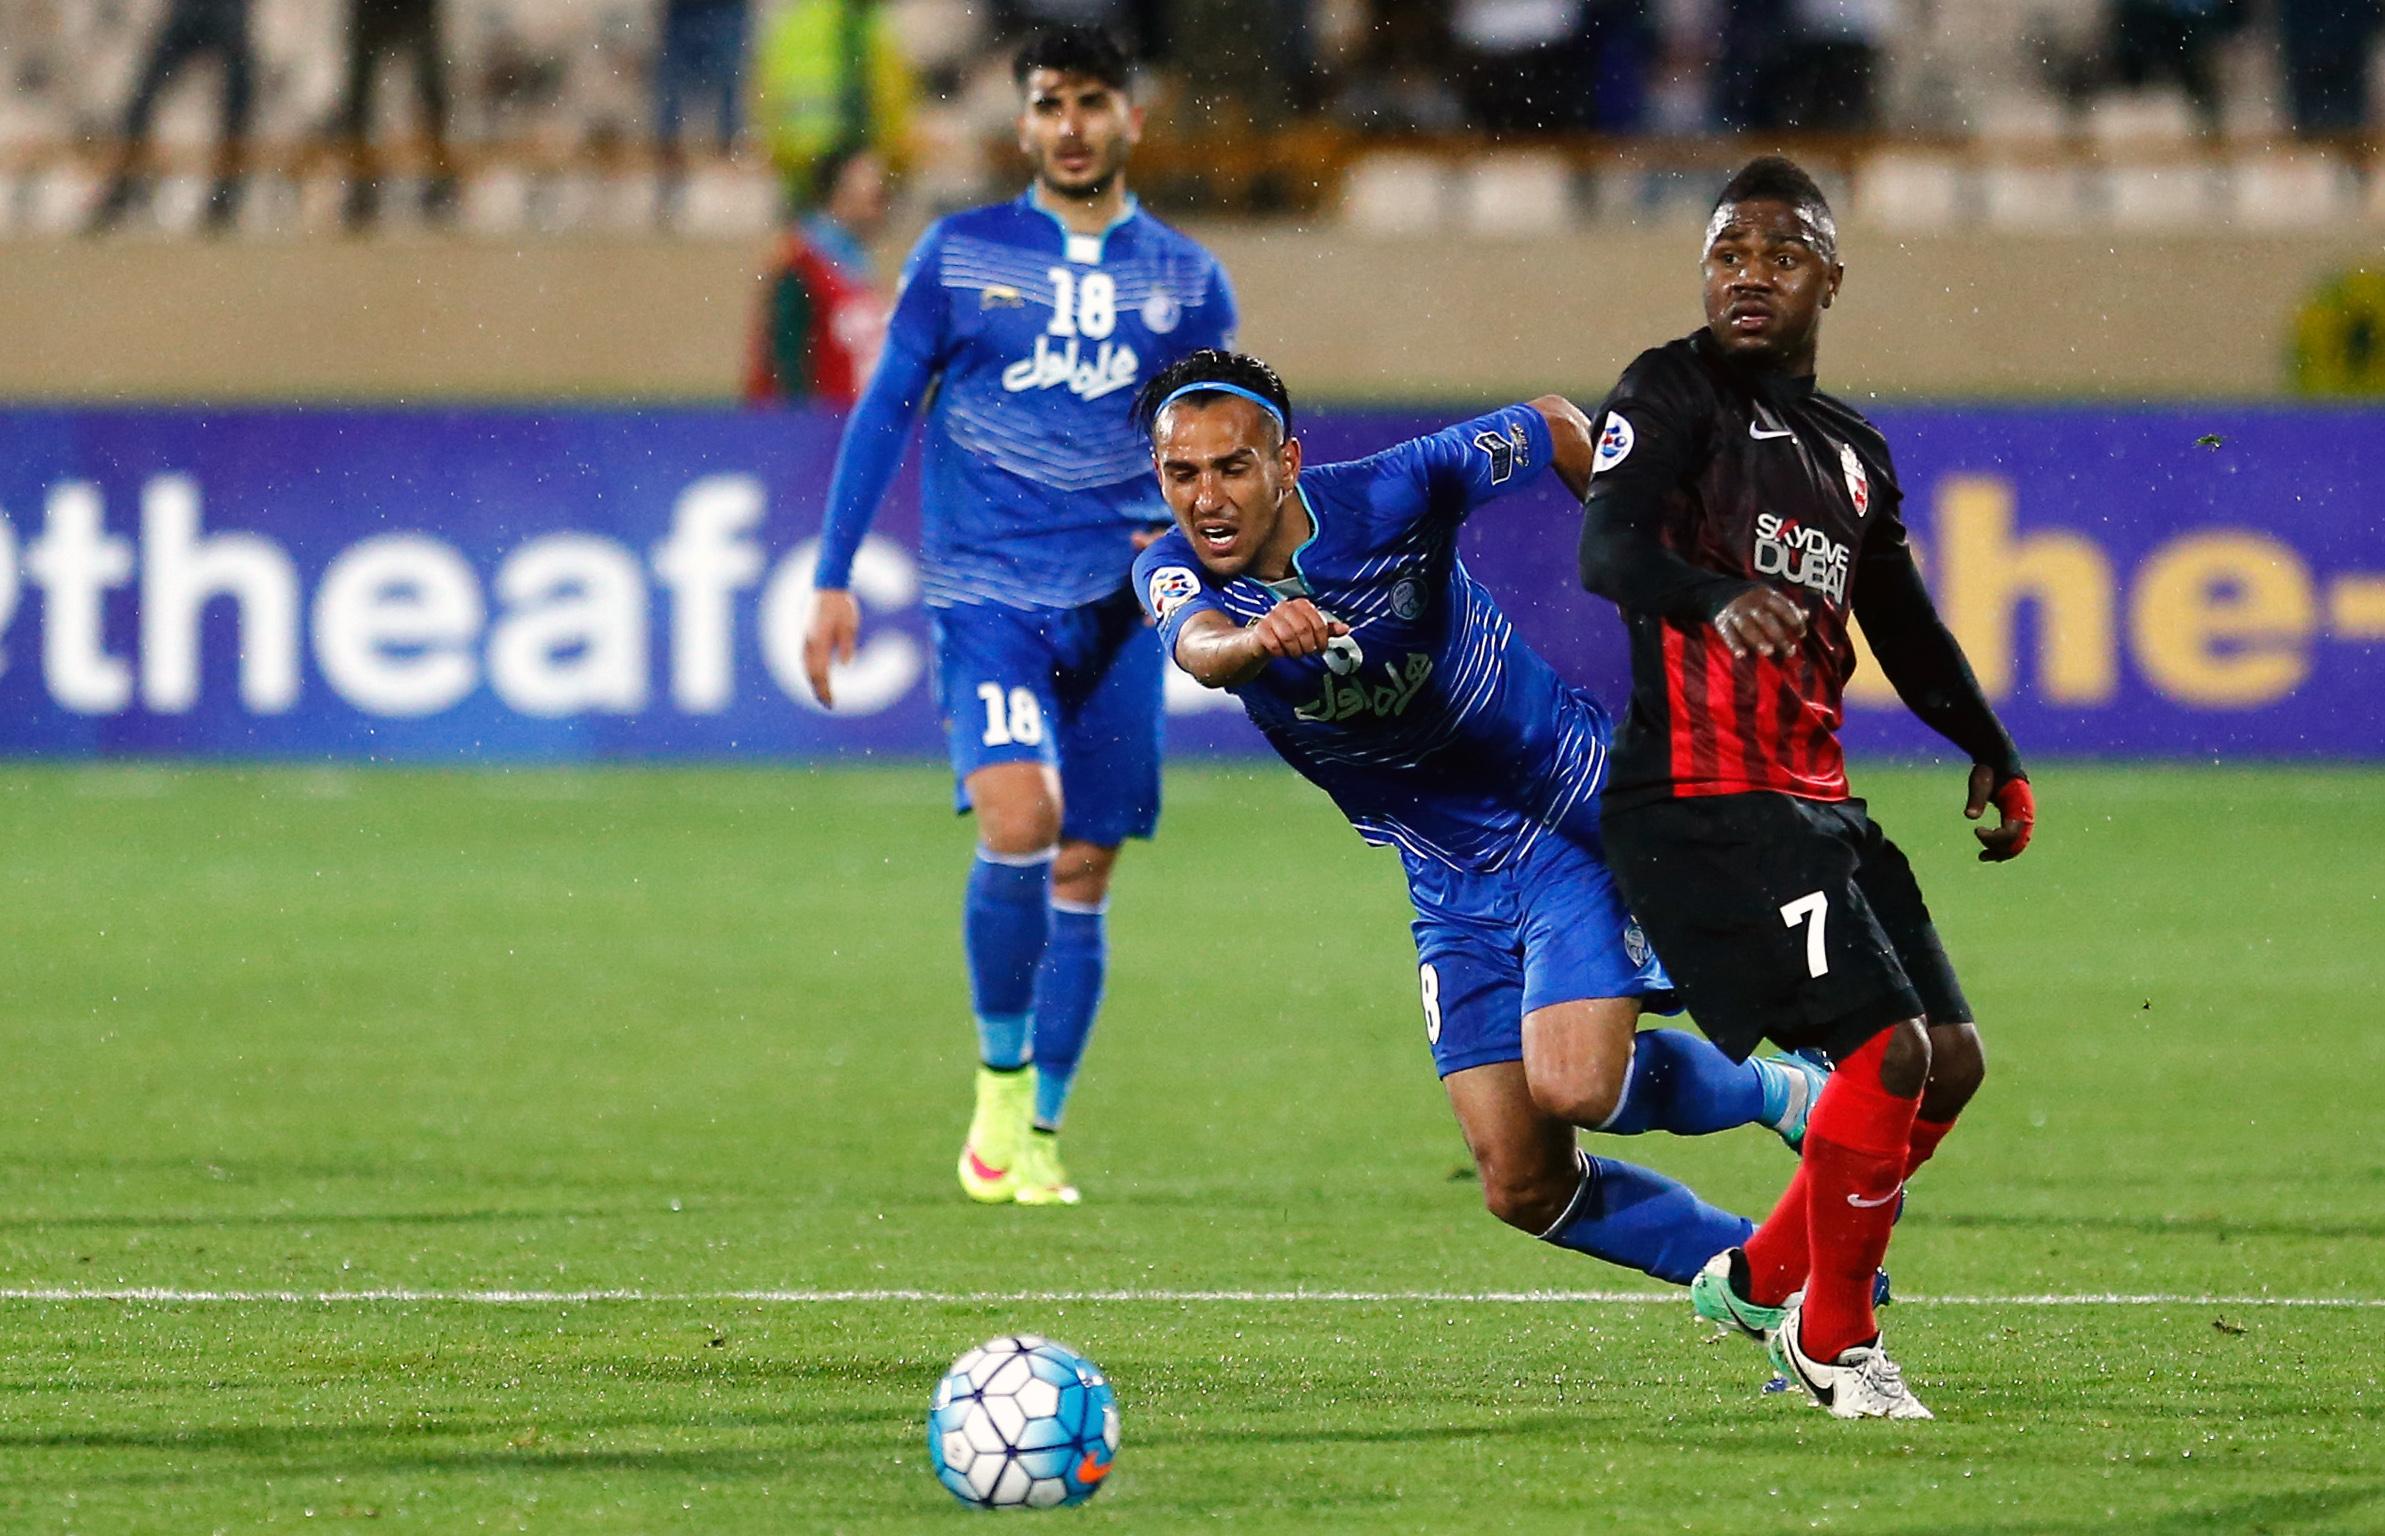 Esteghlal vs Al Ahli